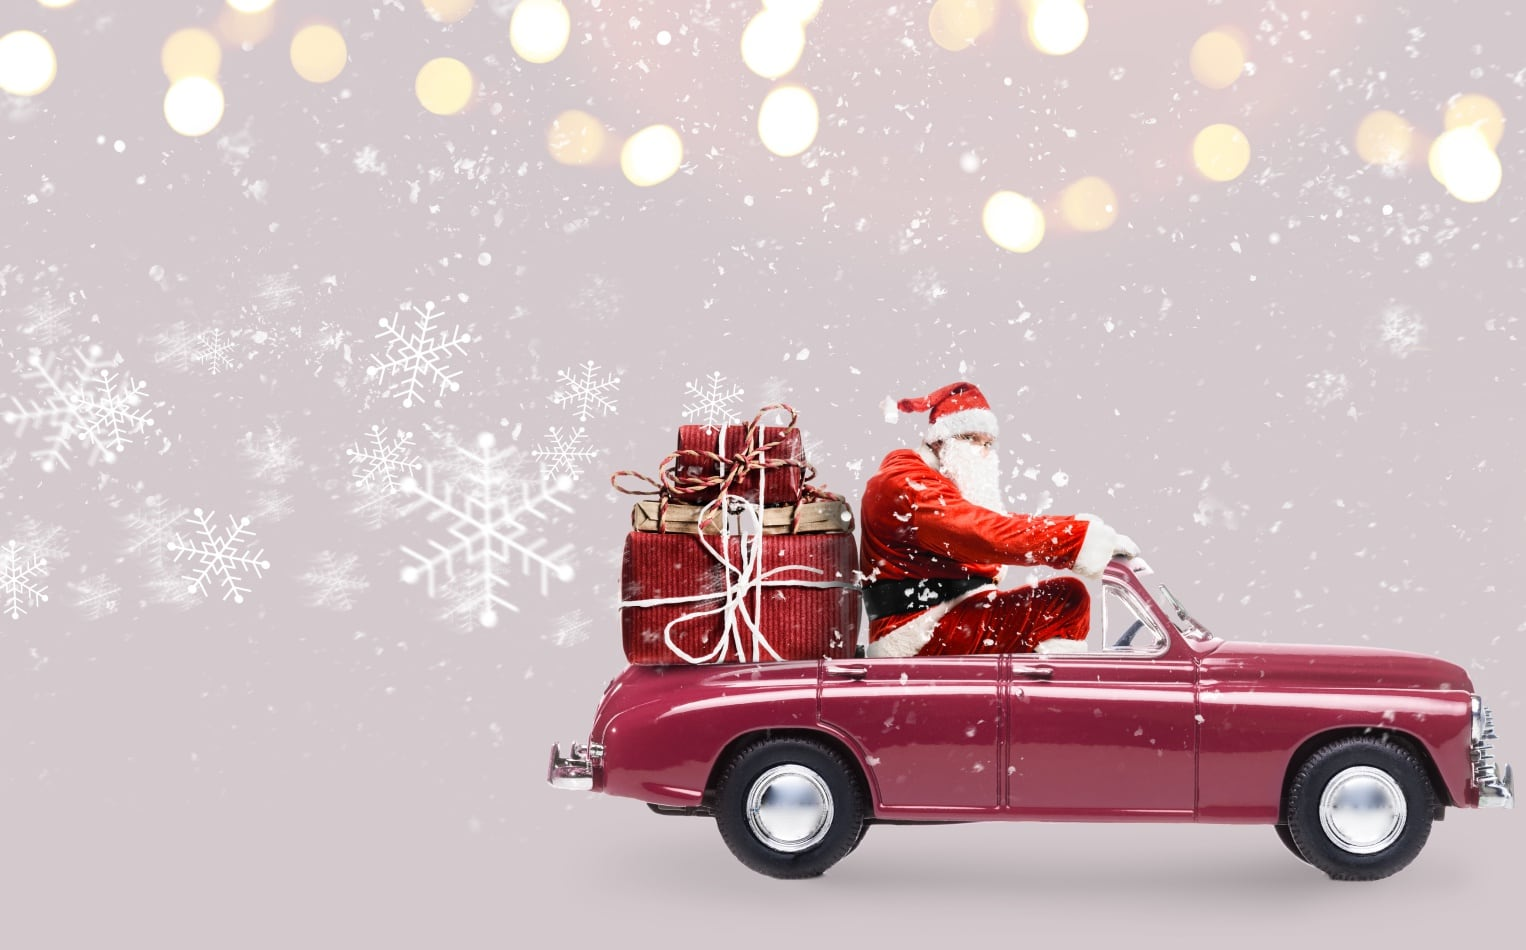 ¿Cuánto tardaría Papá Noel en entregar los regalos en coche?